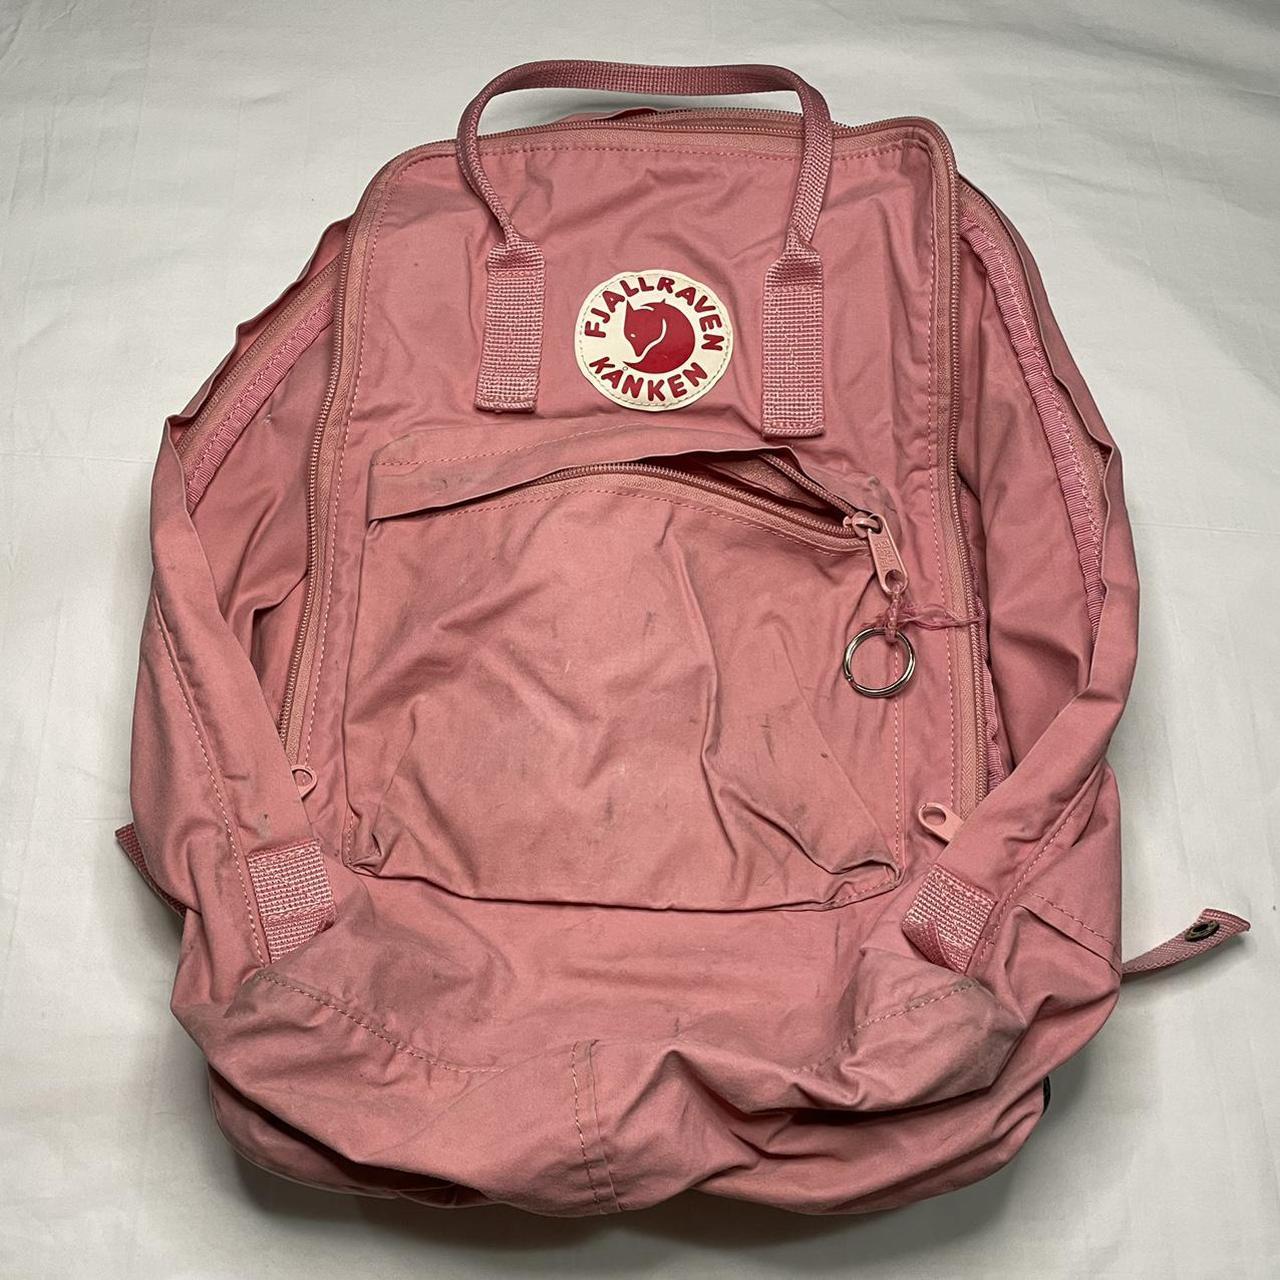 Product Image 1 - Fjallraven Kanken big backpack in